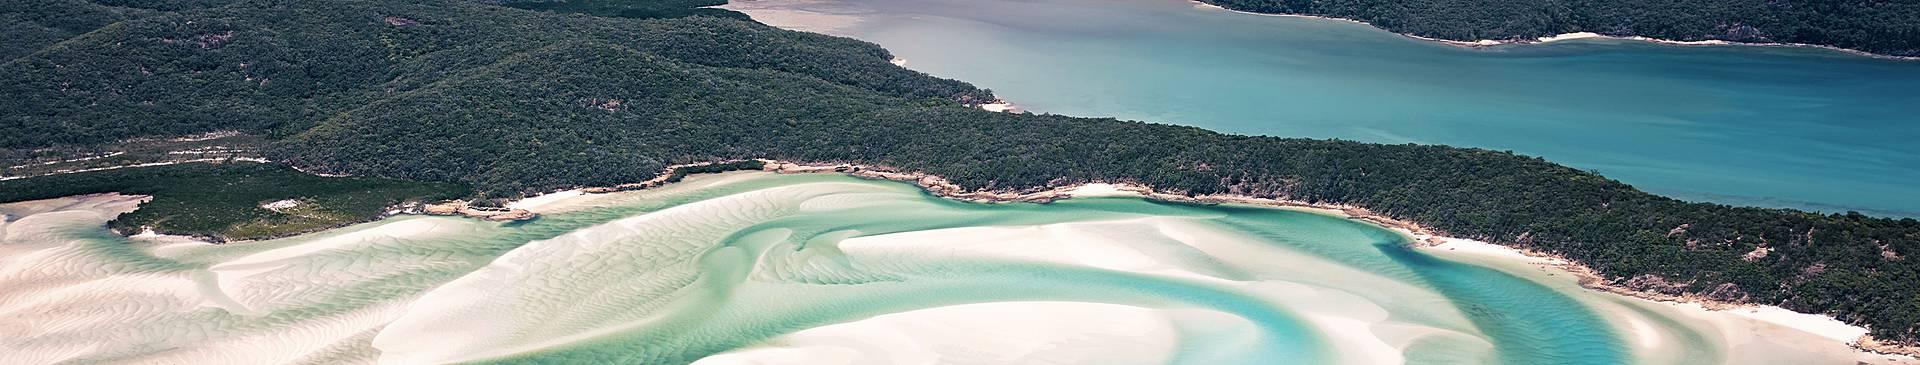 Viaggi al mare in Australia